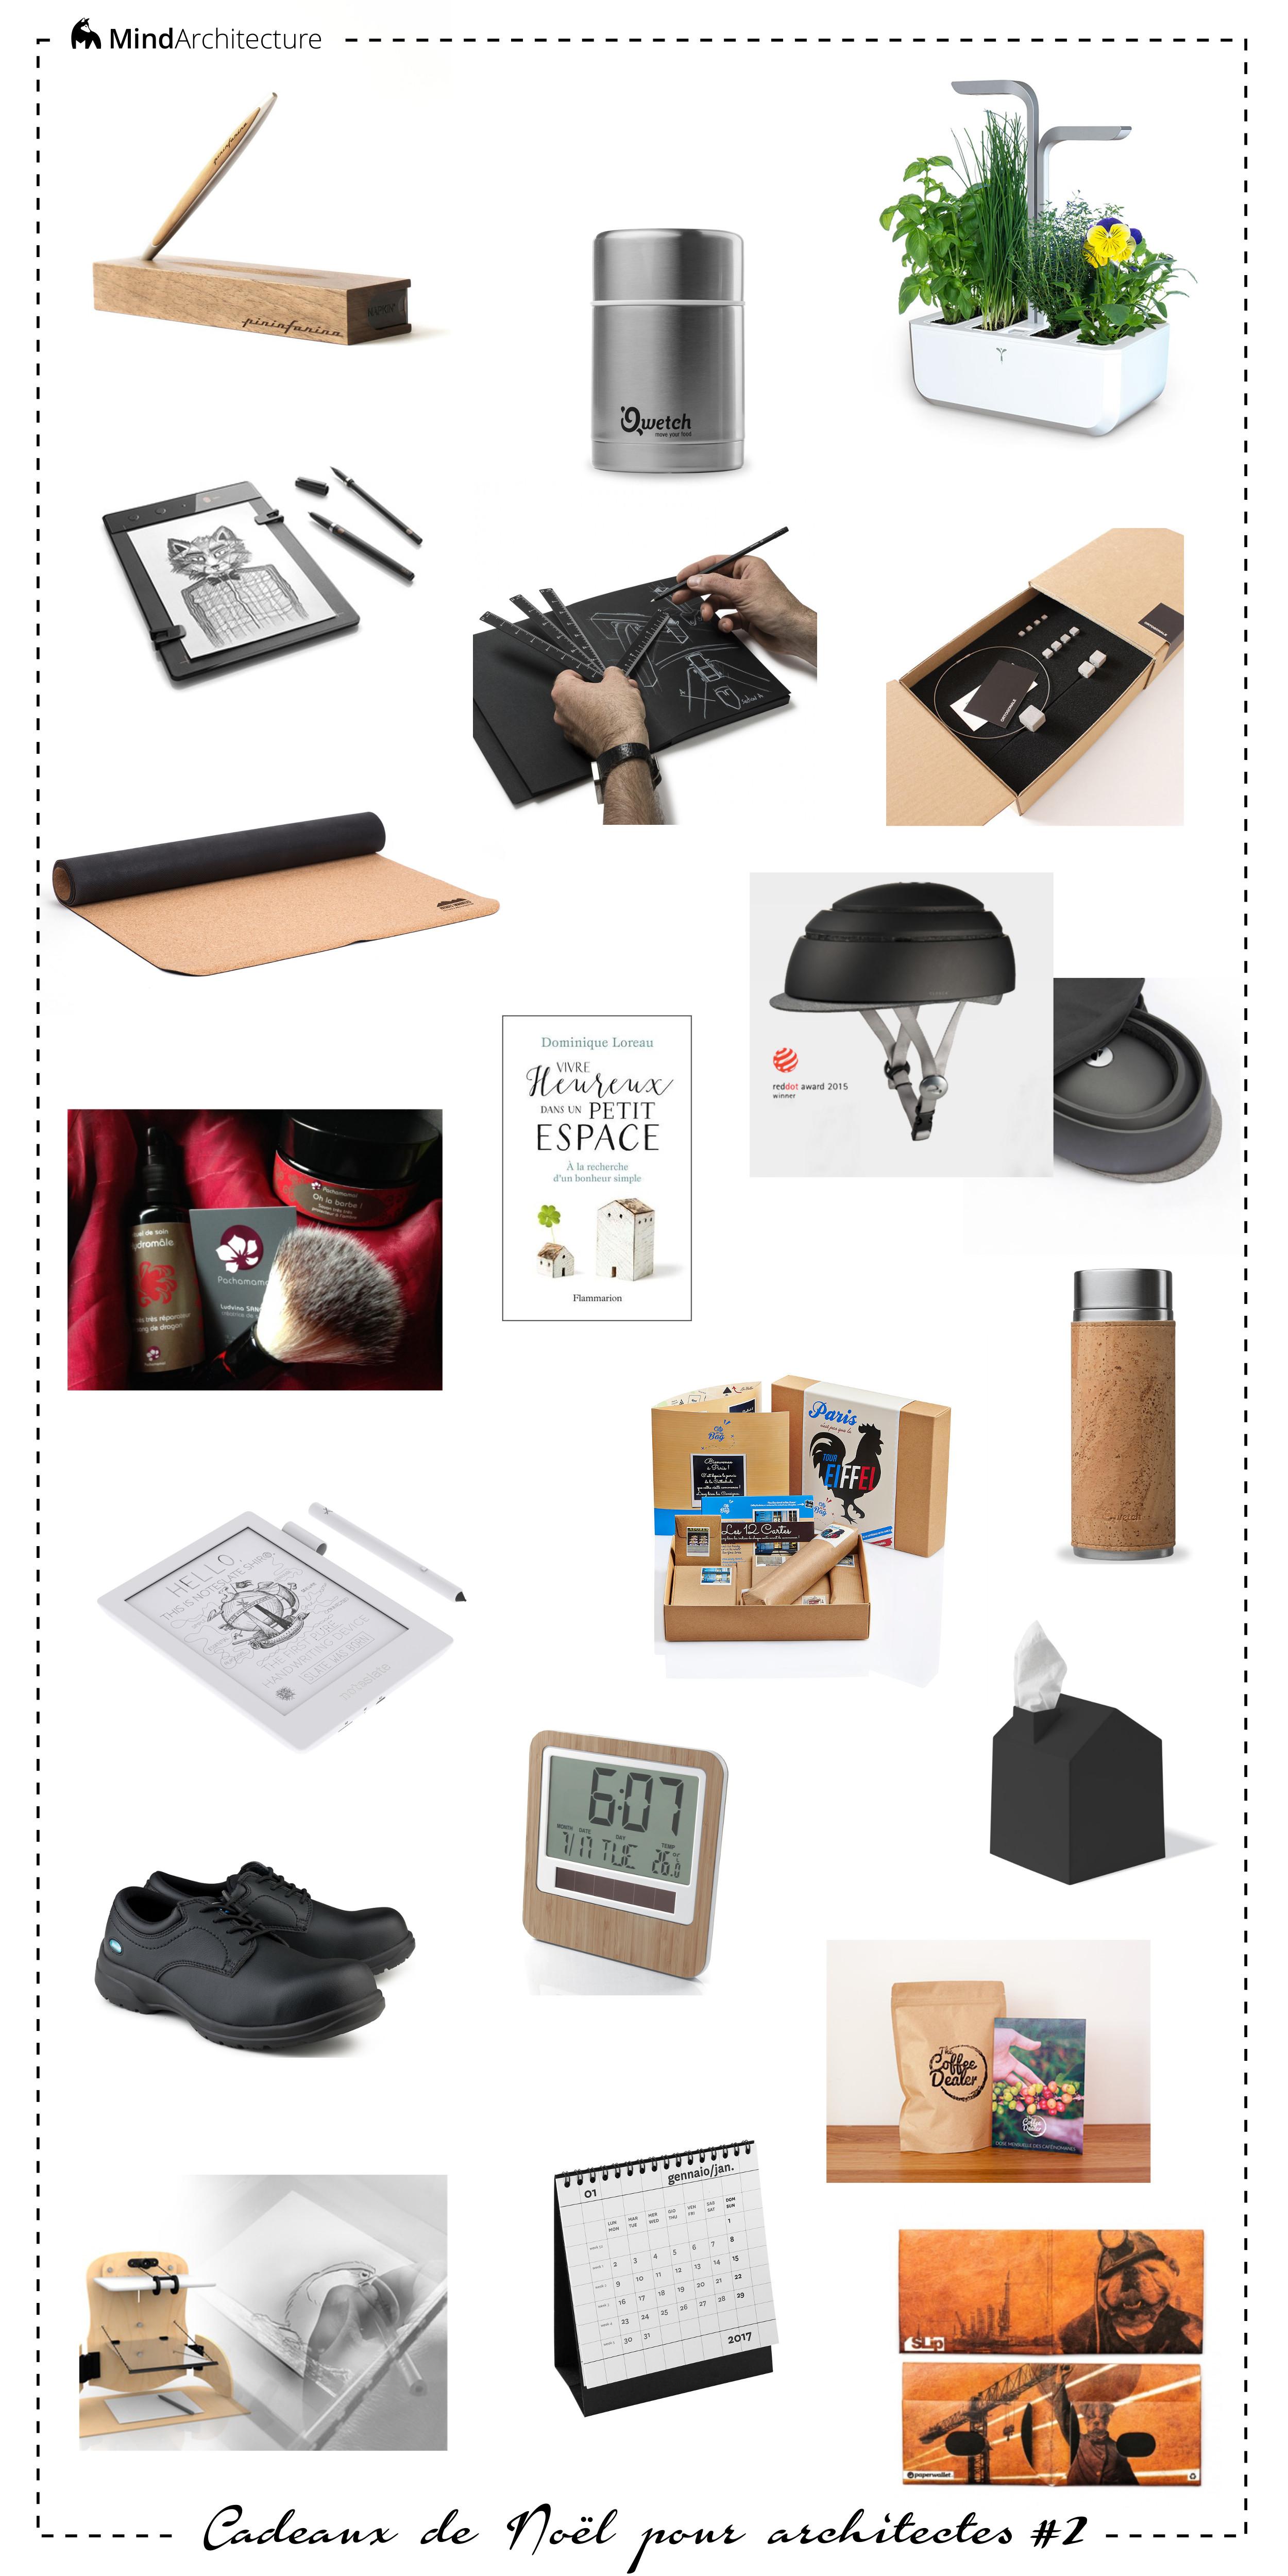 Idées cadeaux Noël architectes - Mind Architecture